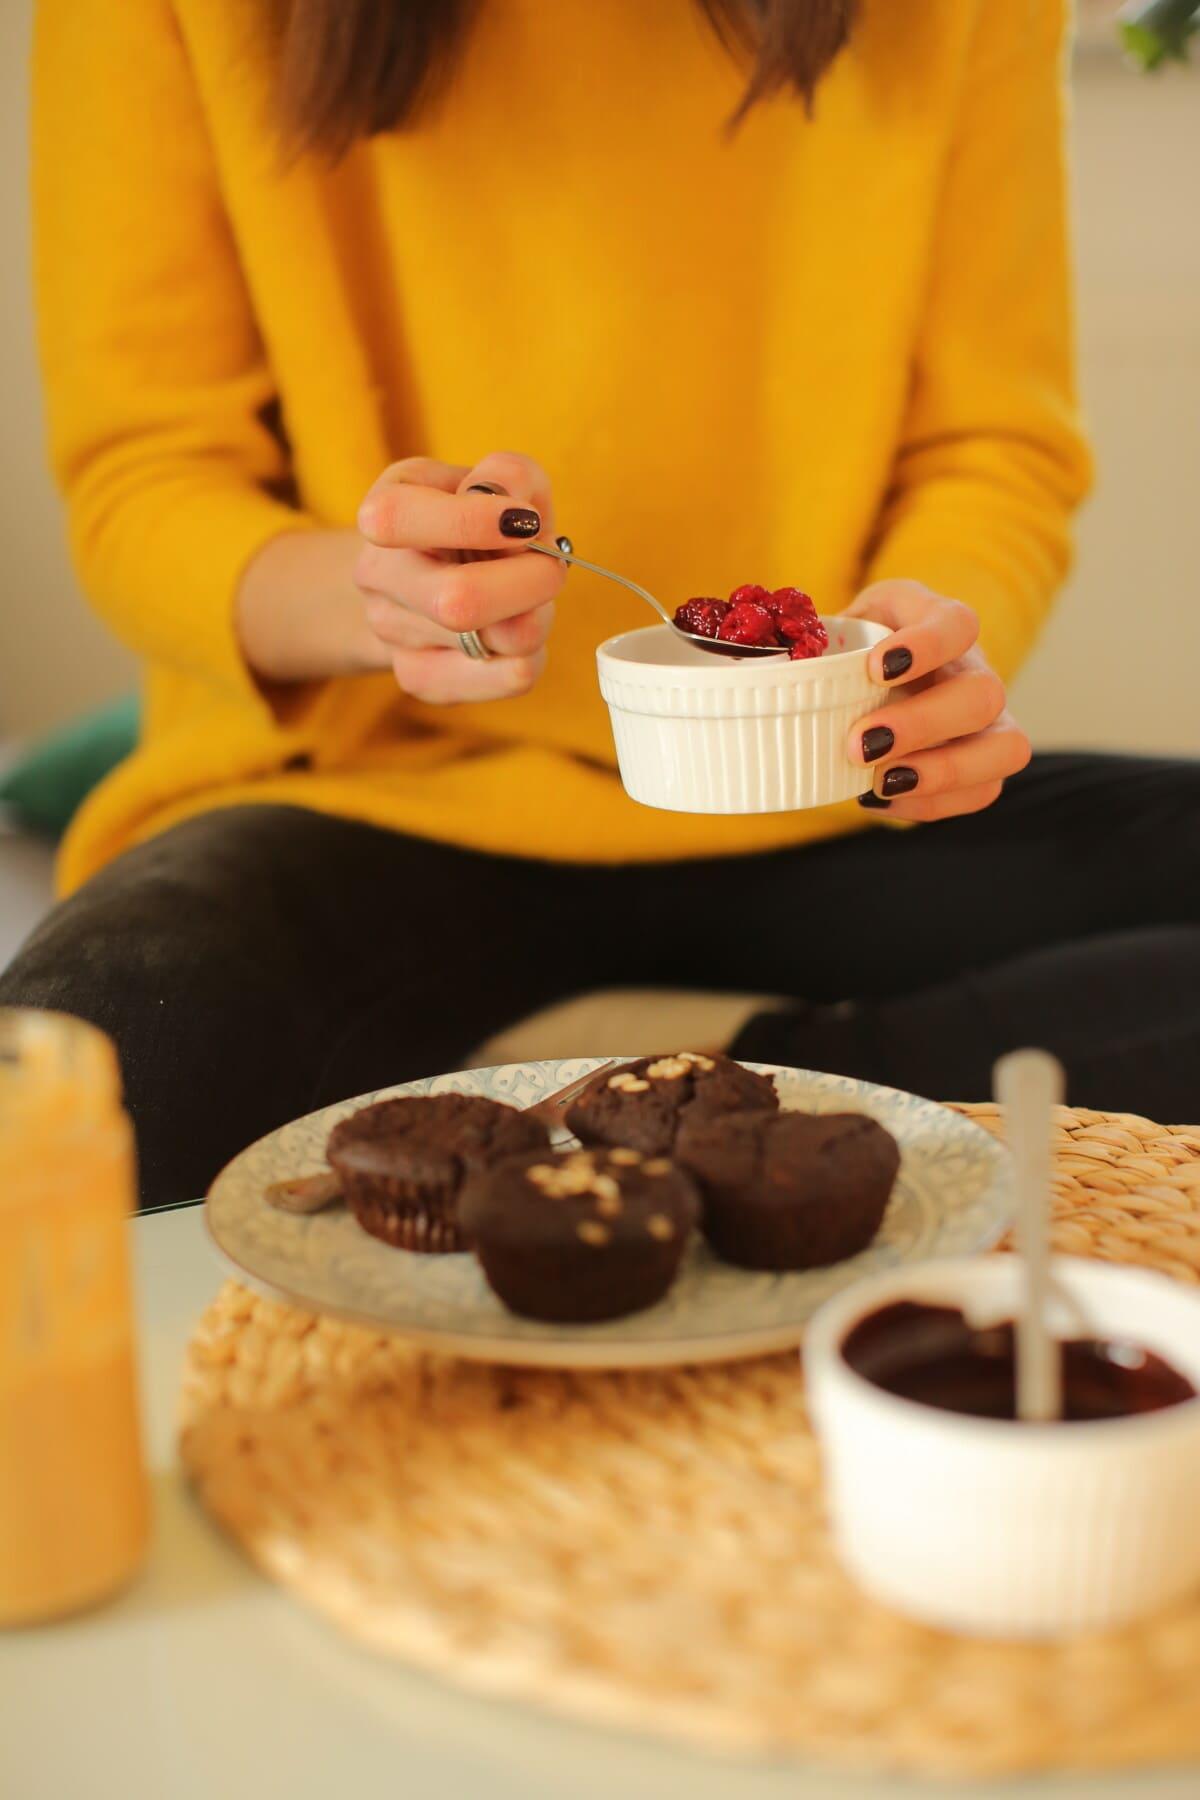 Beeren, Cupcake, Frühstück, Essen, Mahlzeit, Schokolade, drinnen, Frau, Zucker, Tee